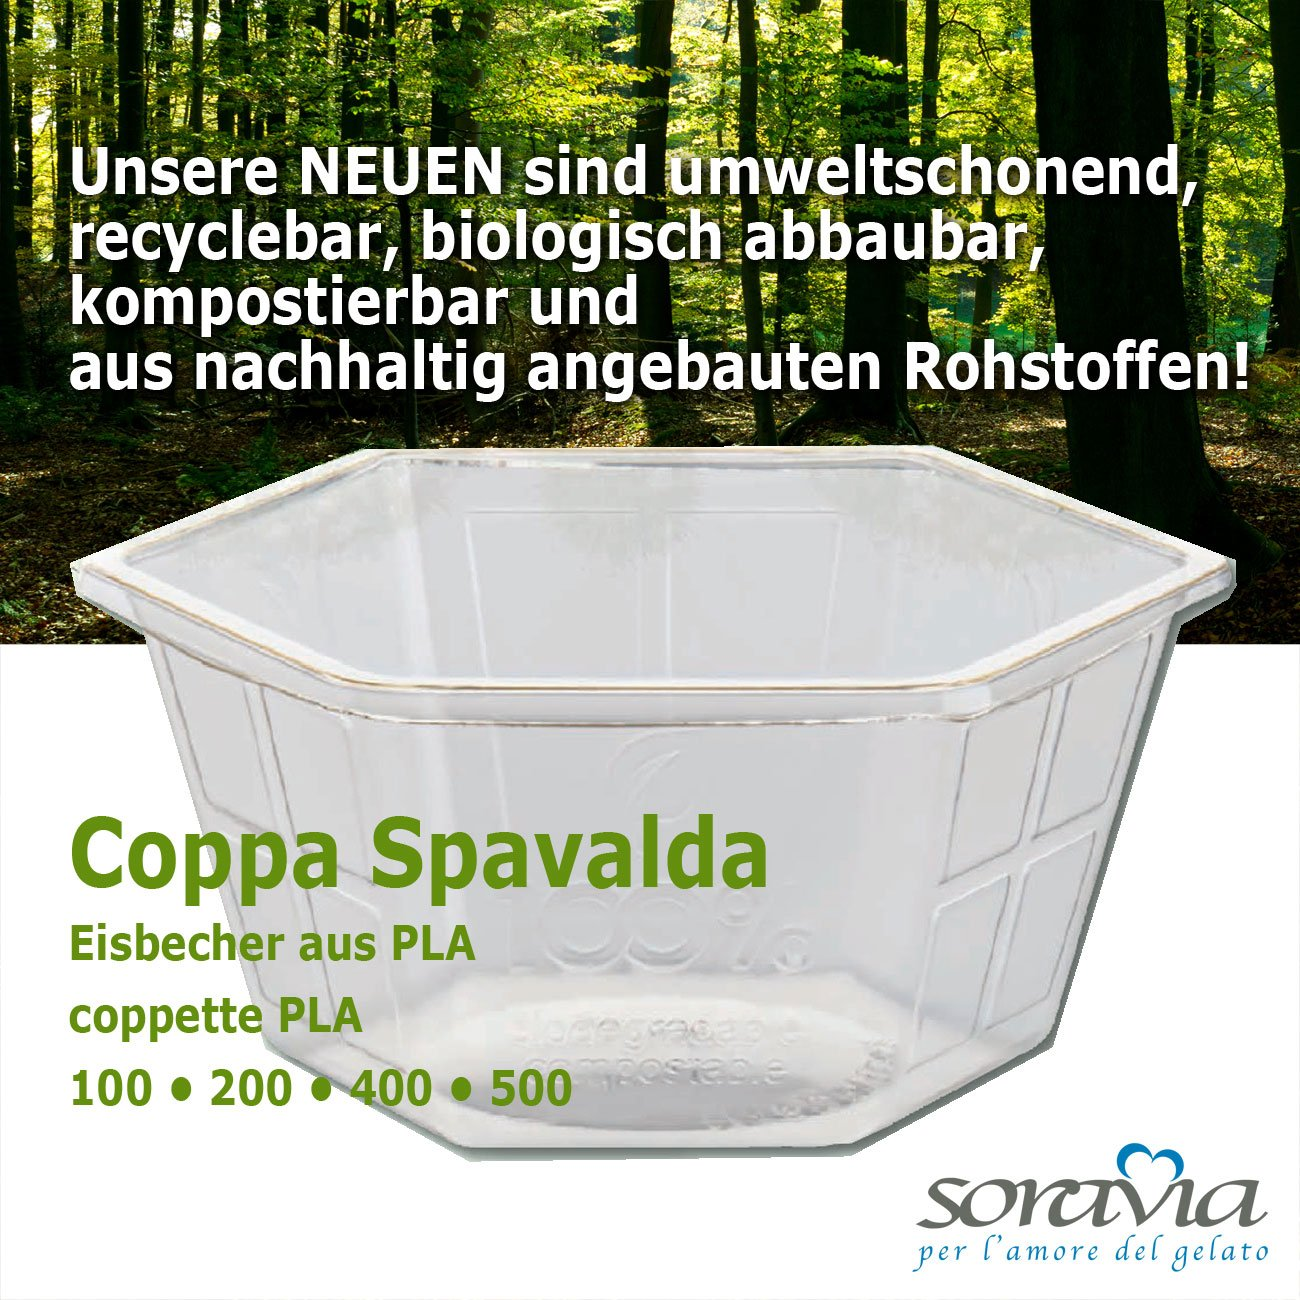 Coppa Spavalda 500 PLA - box 600 pieces - Ice cup biodegradable Plastic - coppa plastica PLA